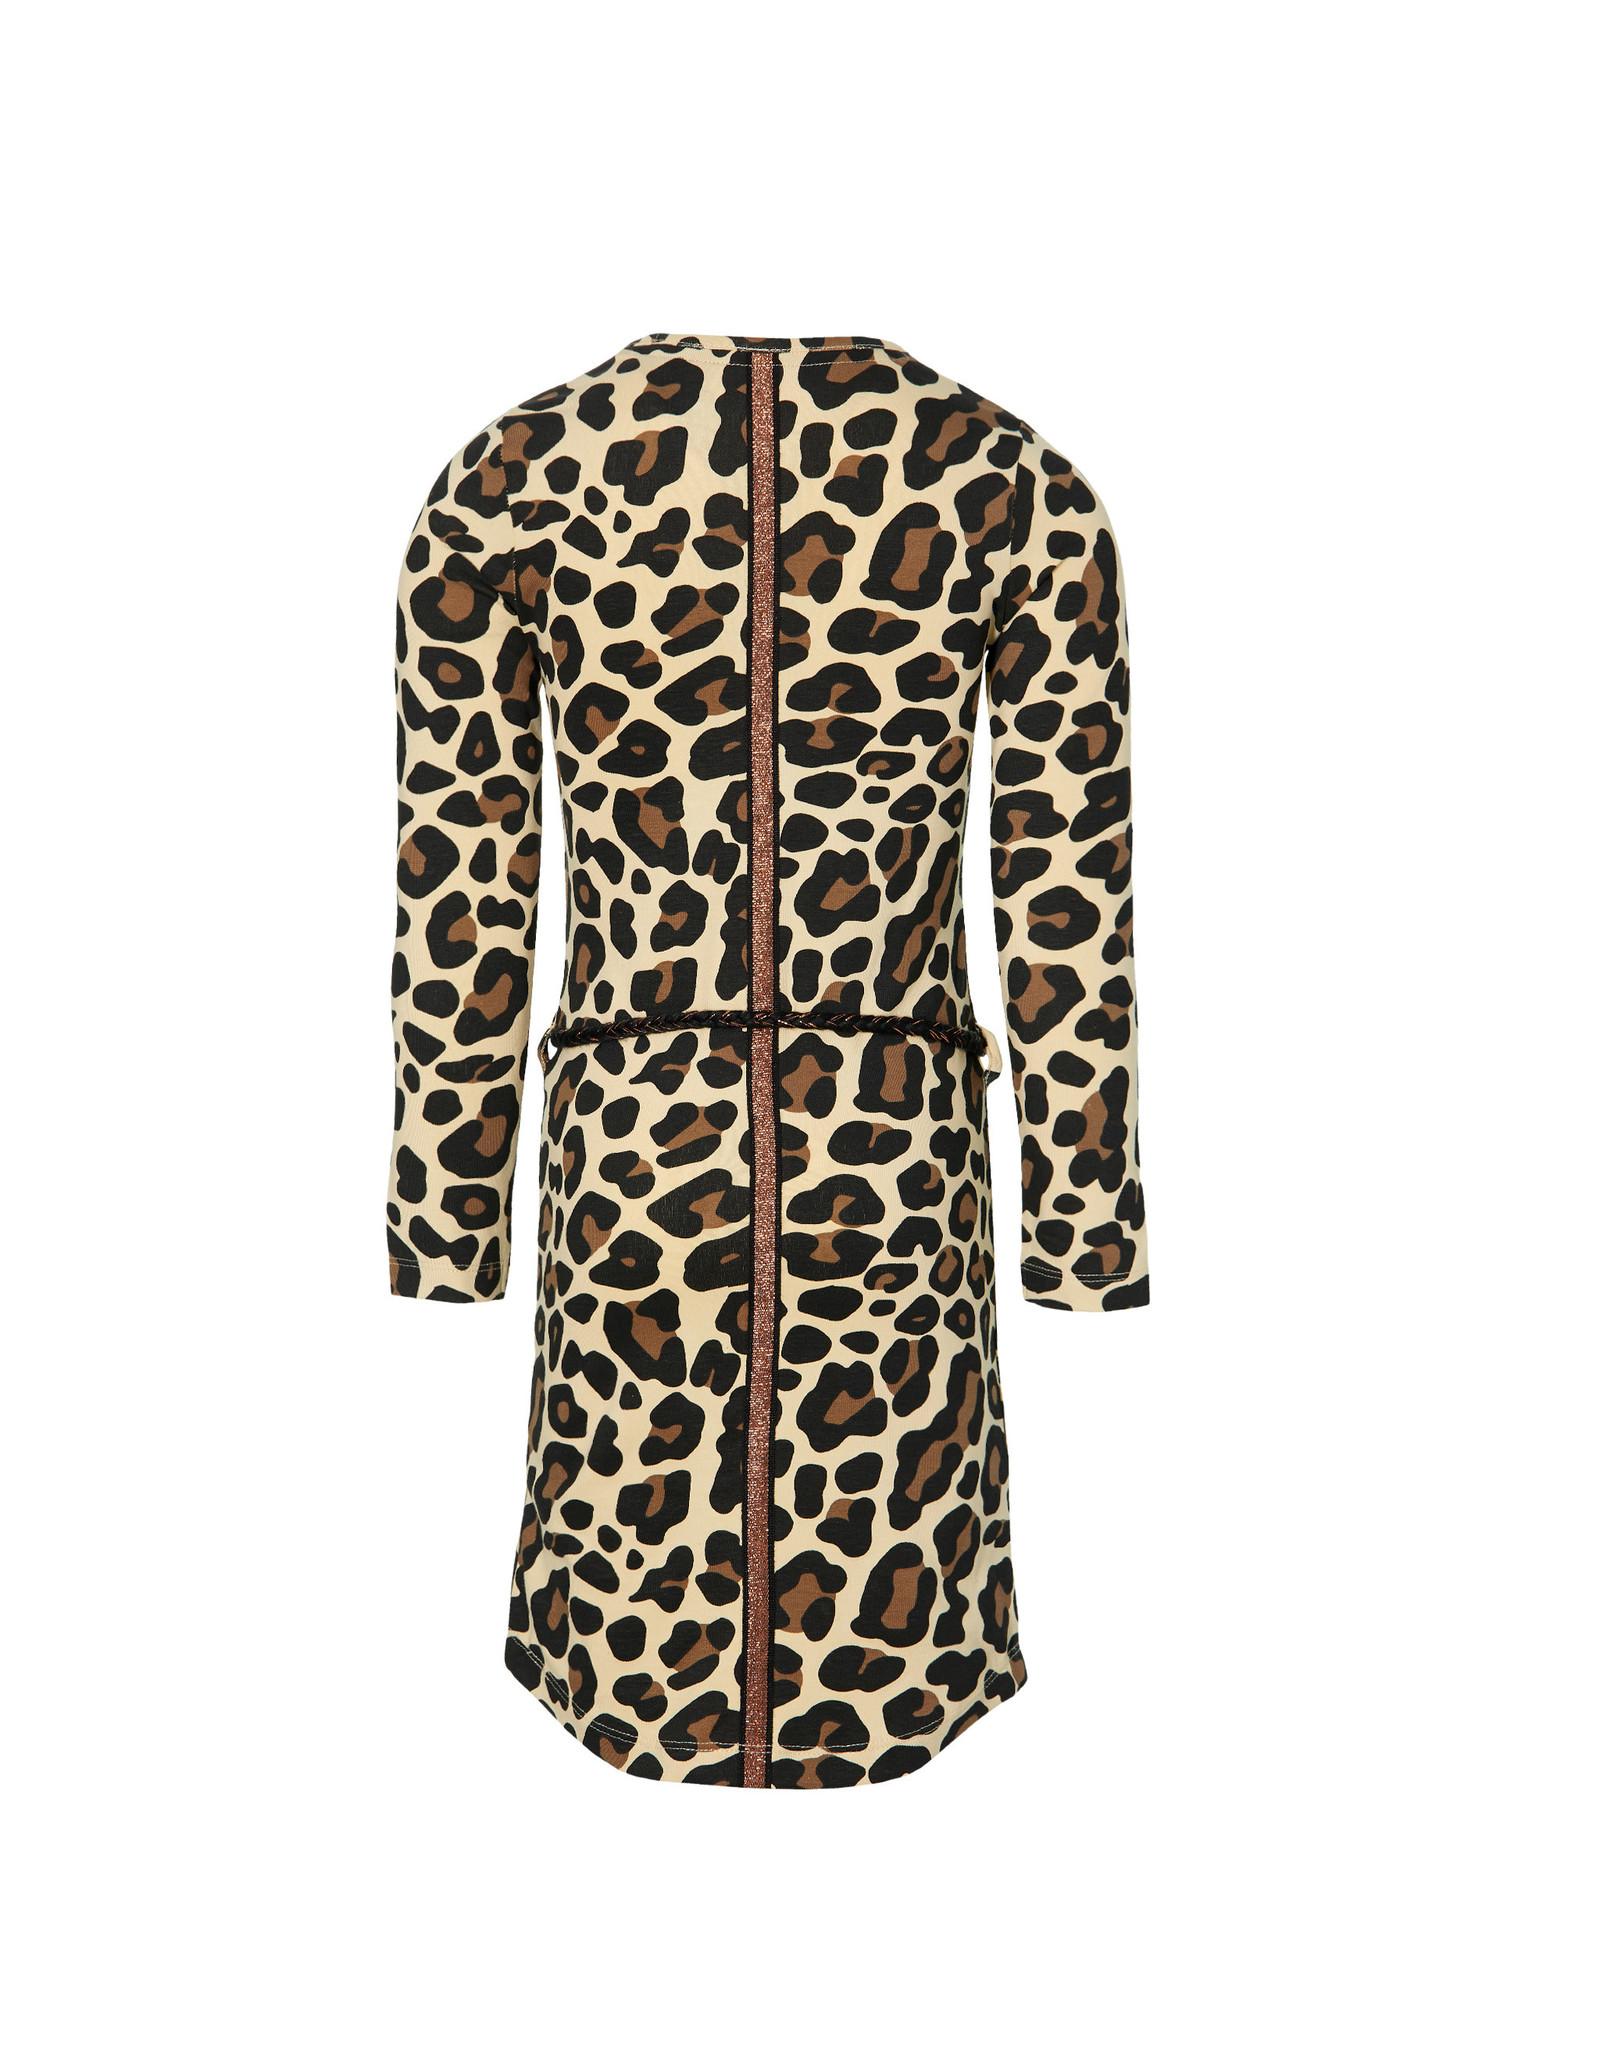 Quapi DAANTJEAW202 Leopard